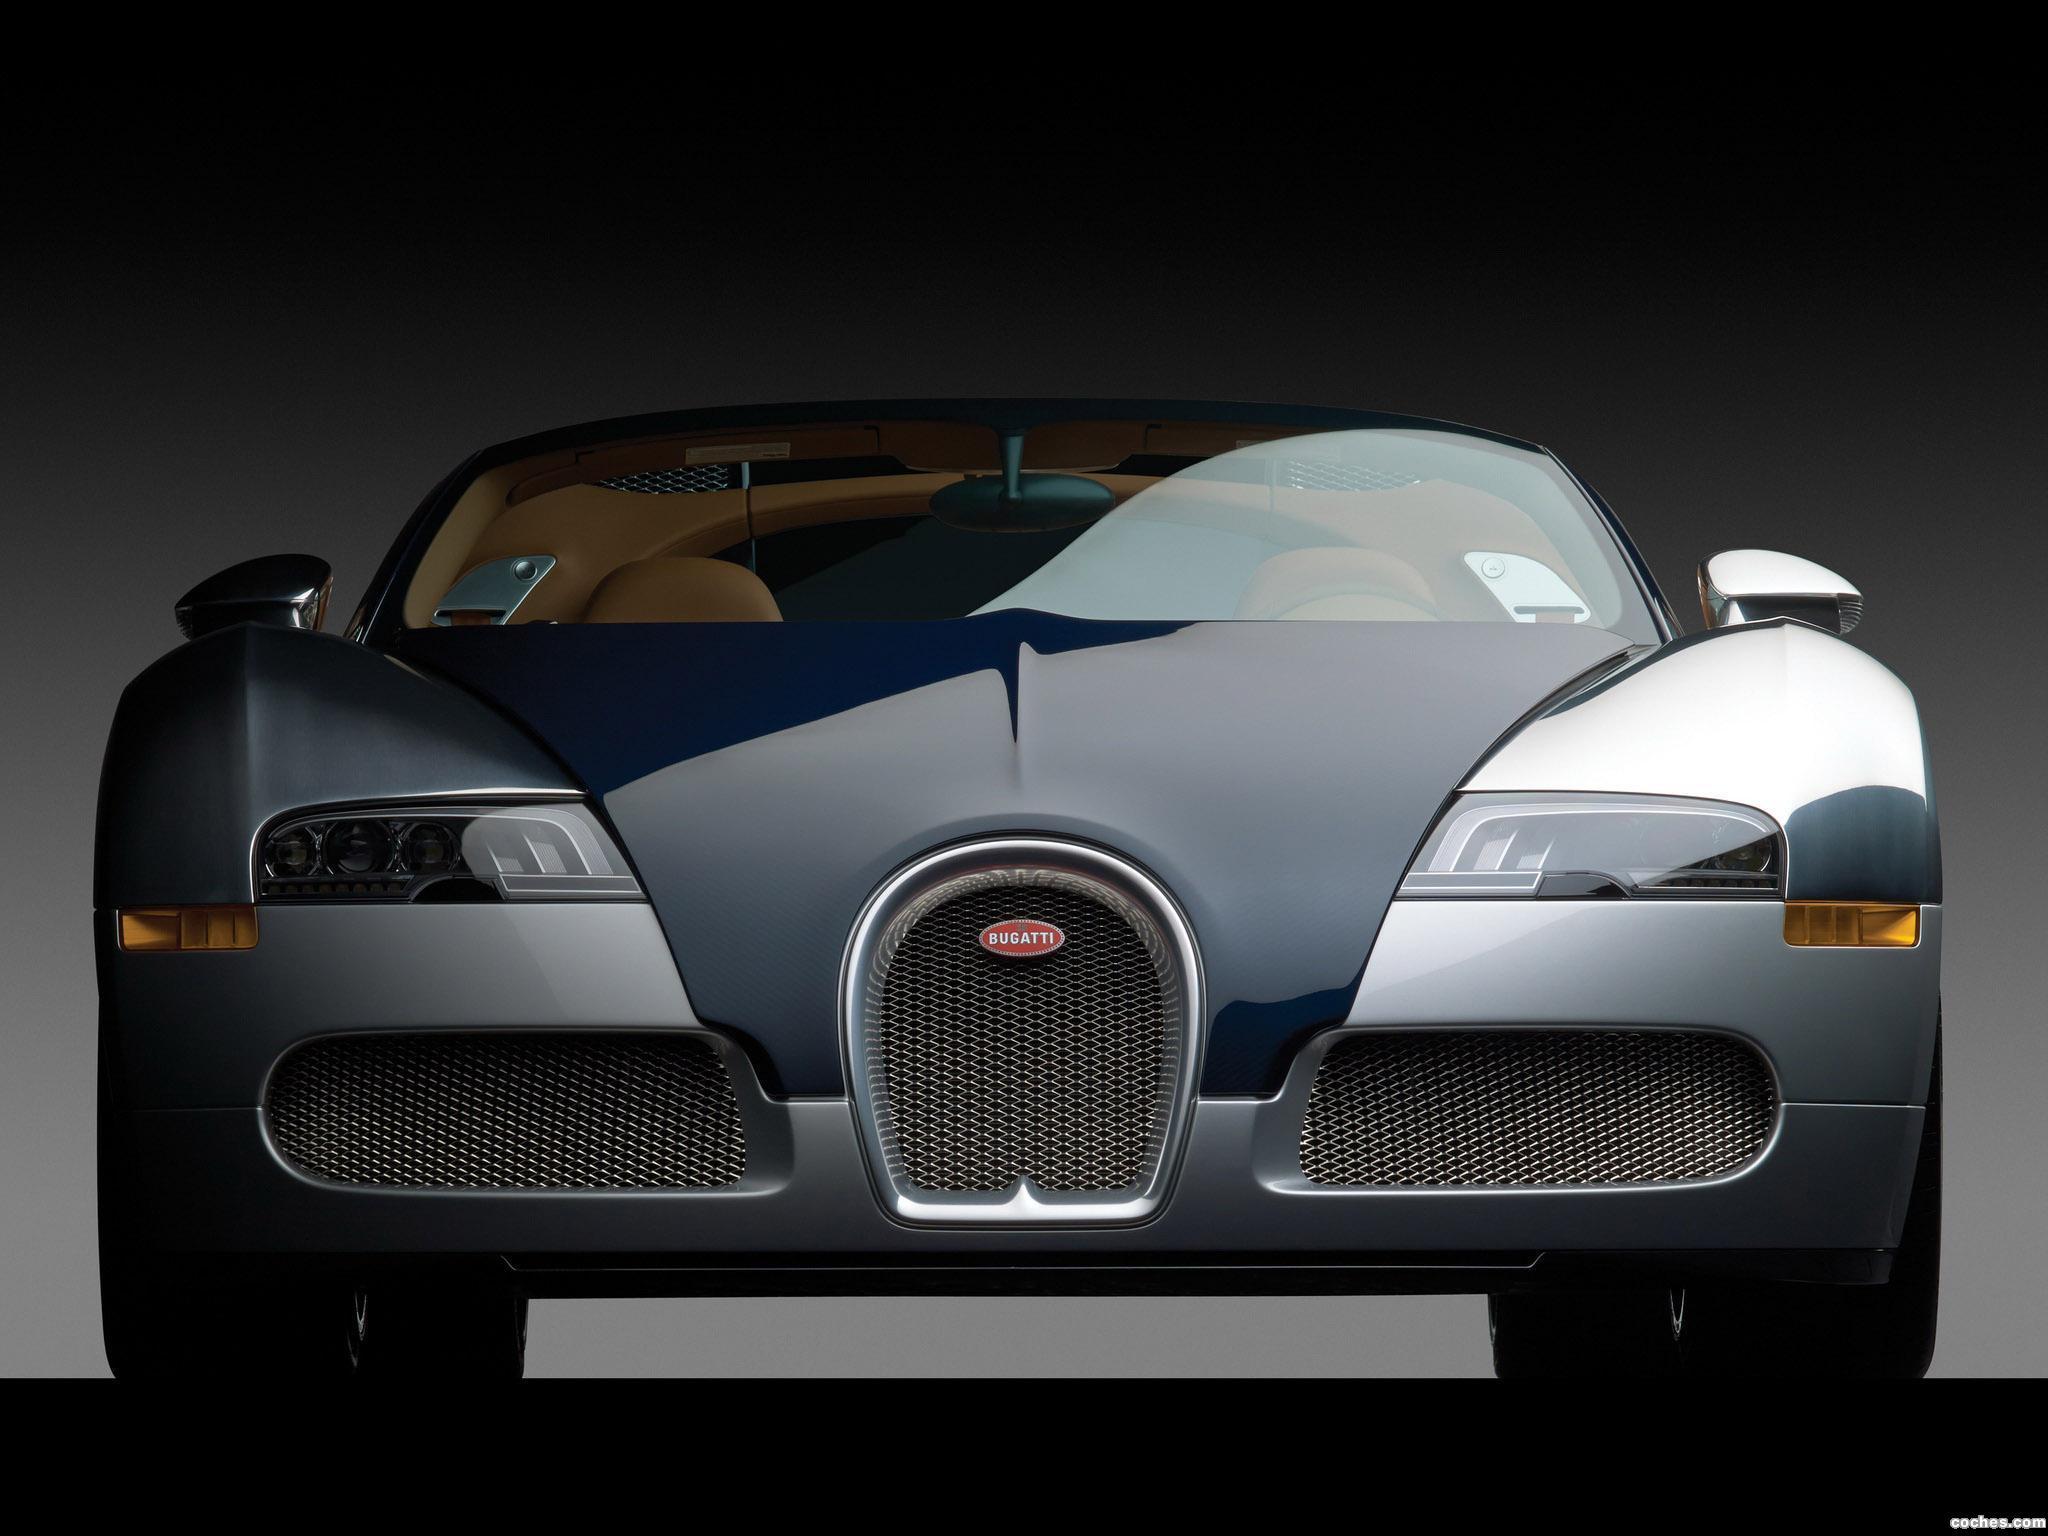 Foto 0 de Bugatti Veyron 16.4 Grand Sport Bleu Nuit 2011